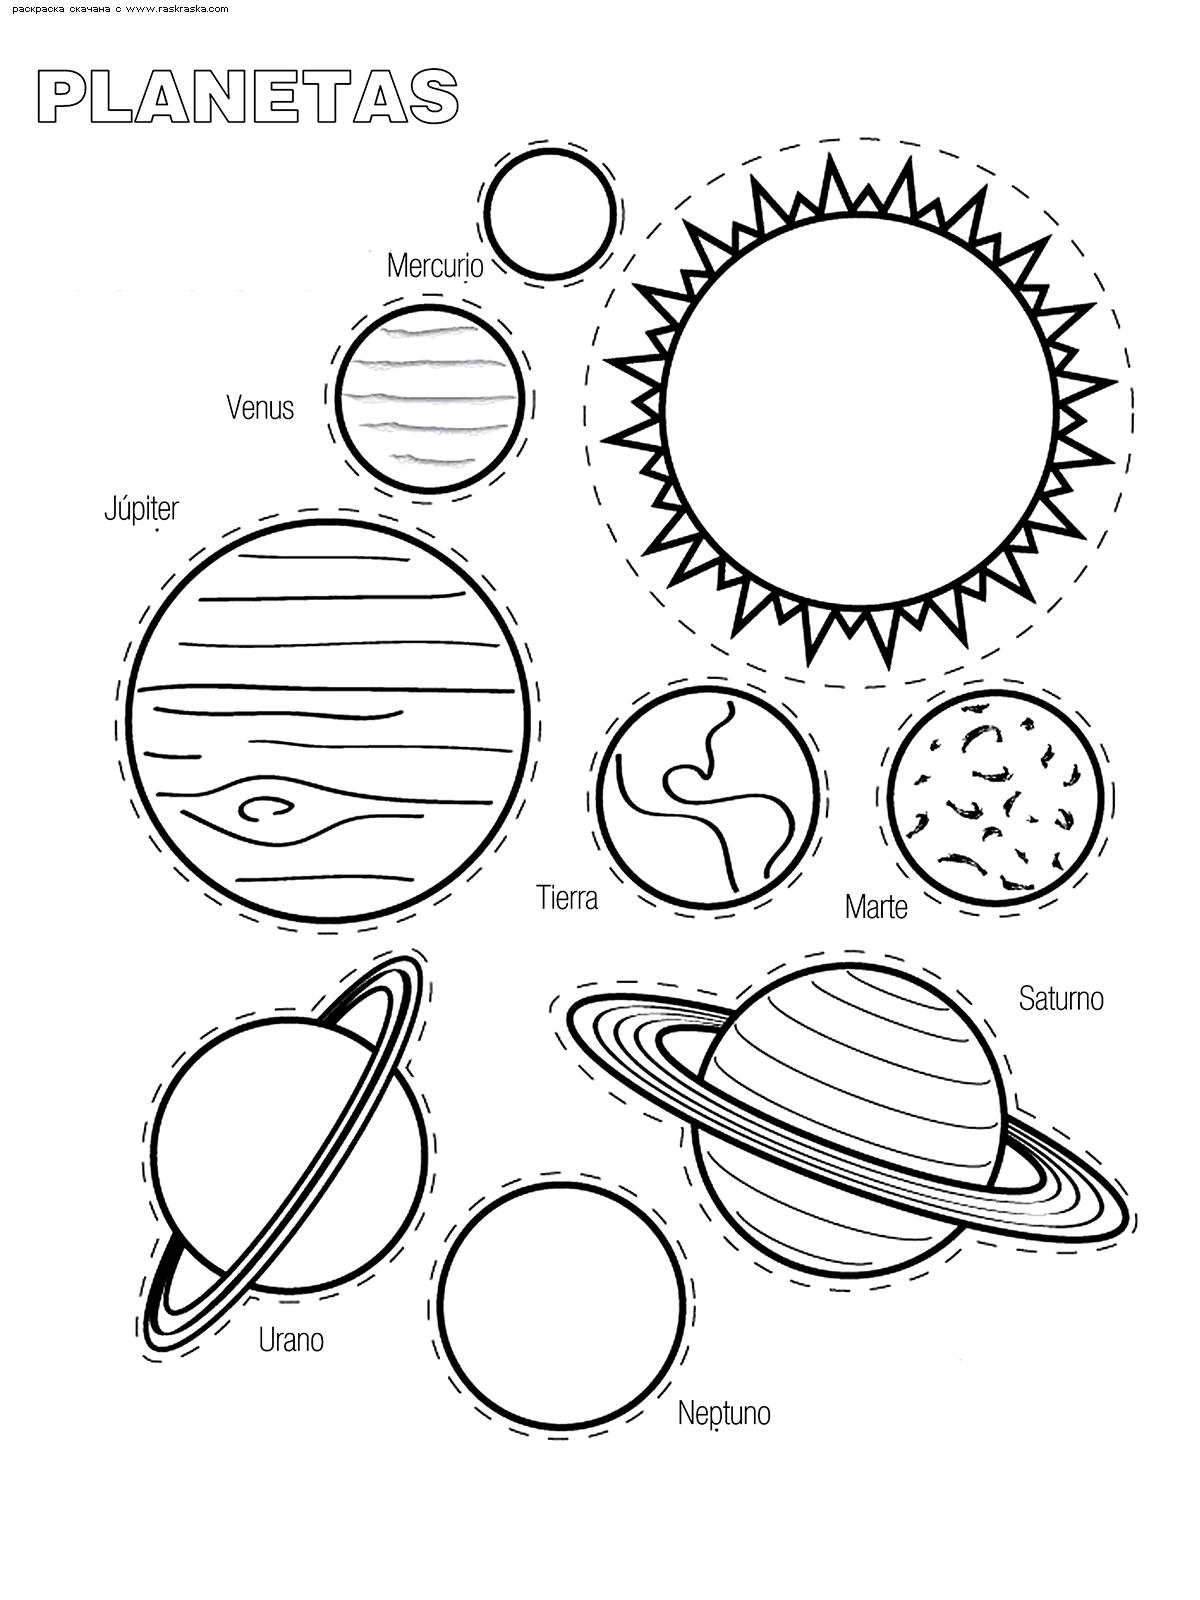 Раскраска Планеты Солнечной системы. Раскраска планеты, солнце